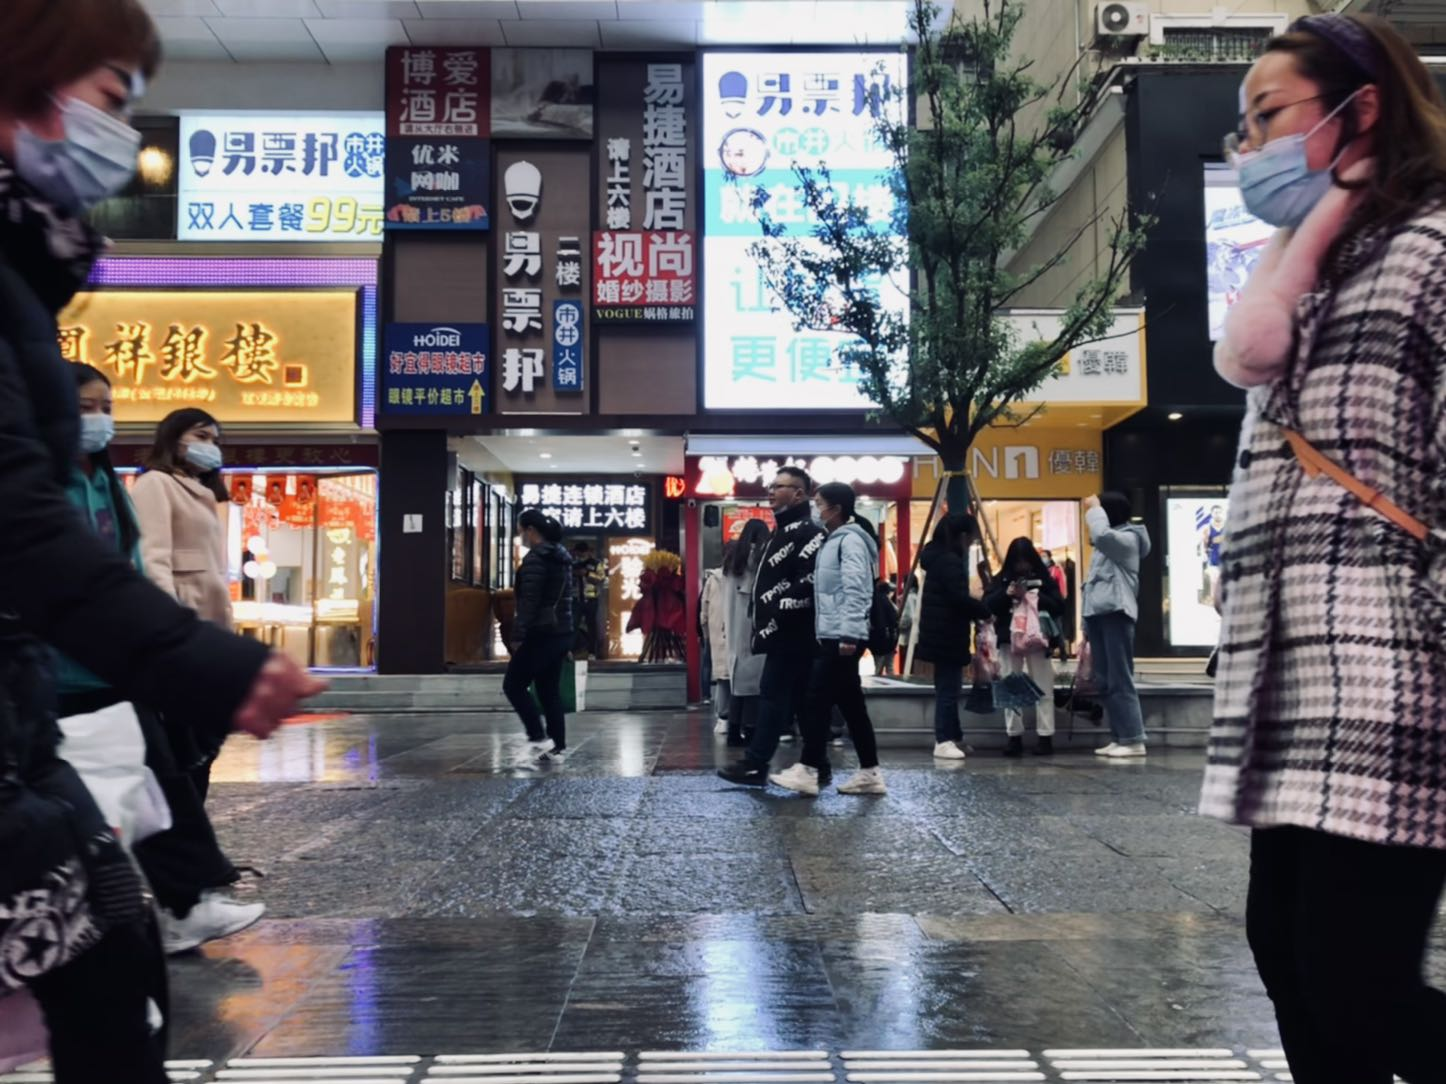 《狭路相逢》摄于武汉.jpg